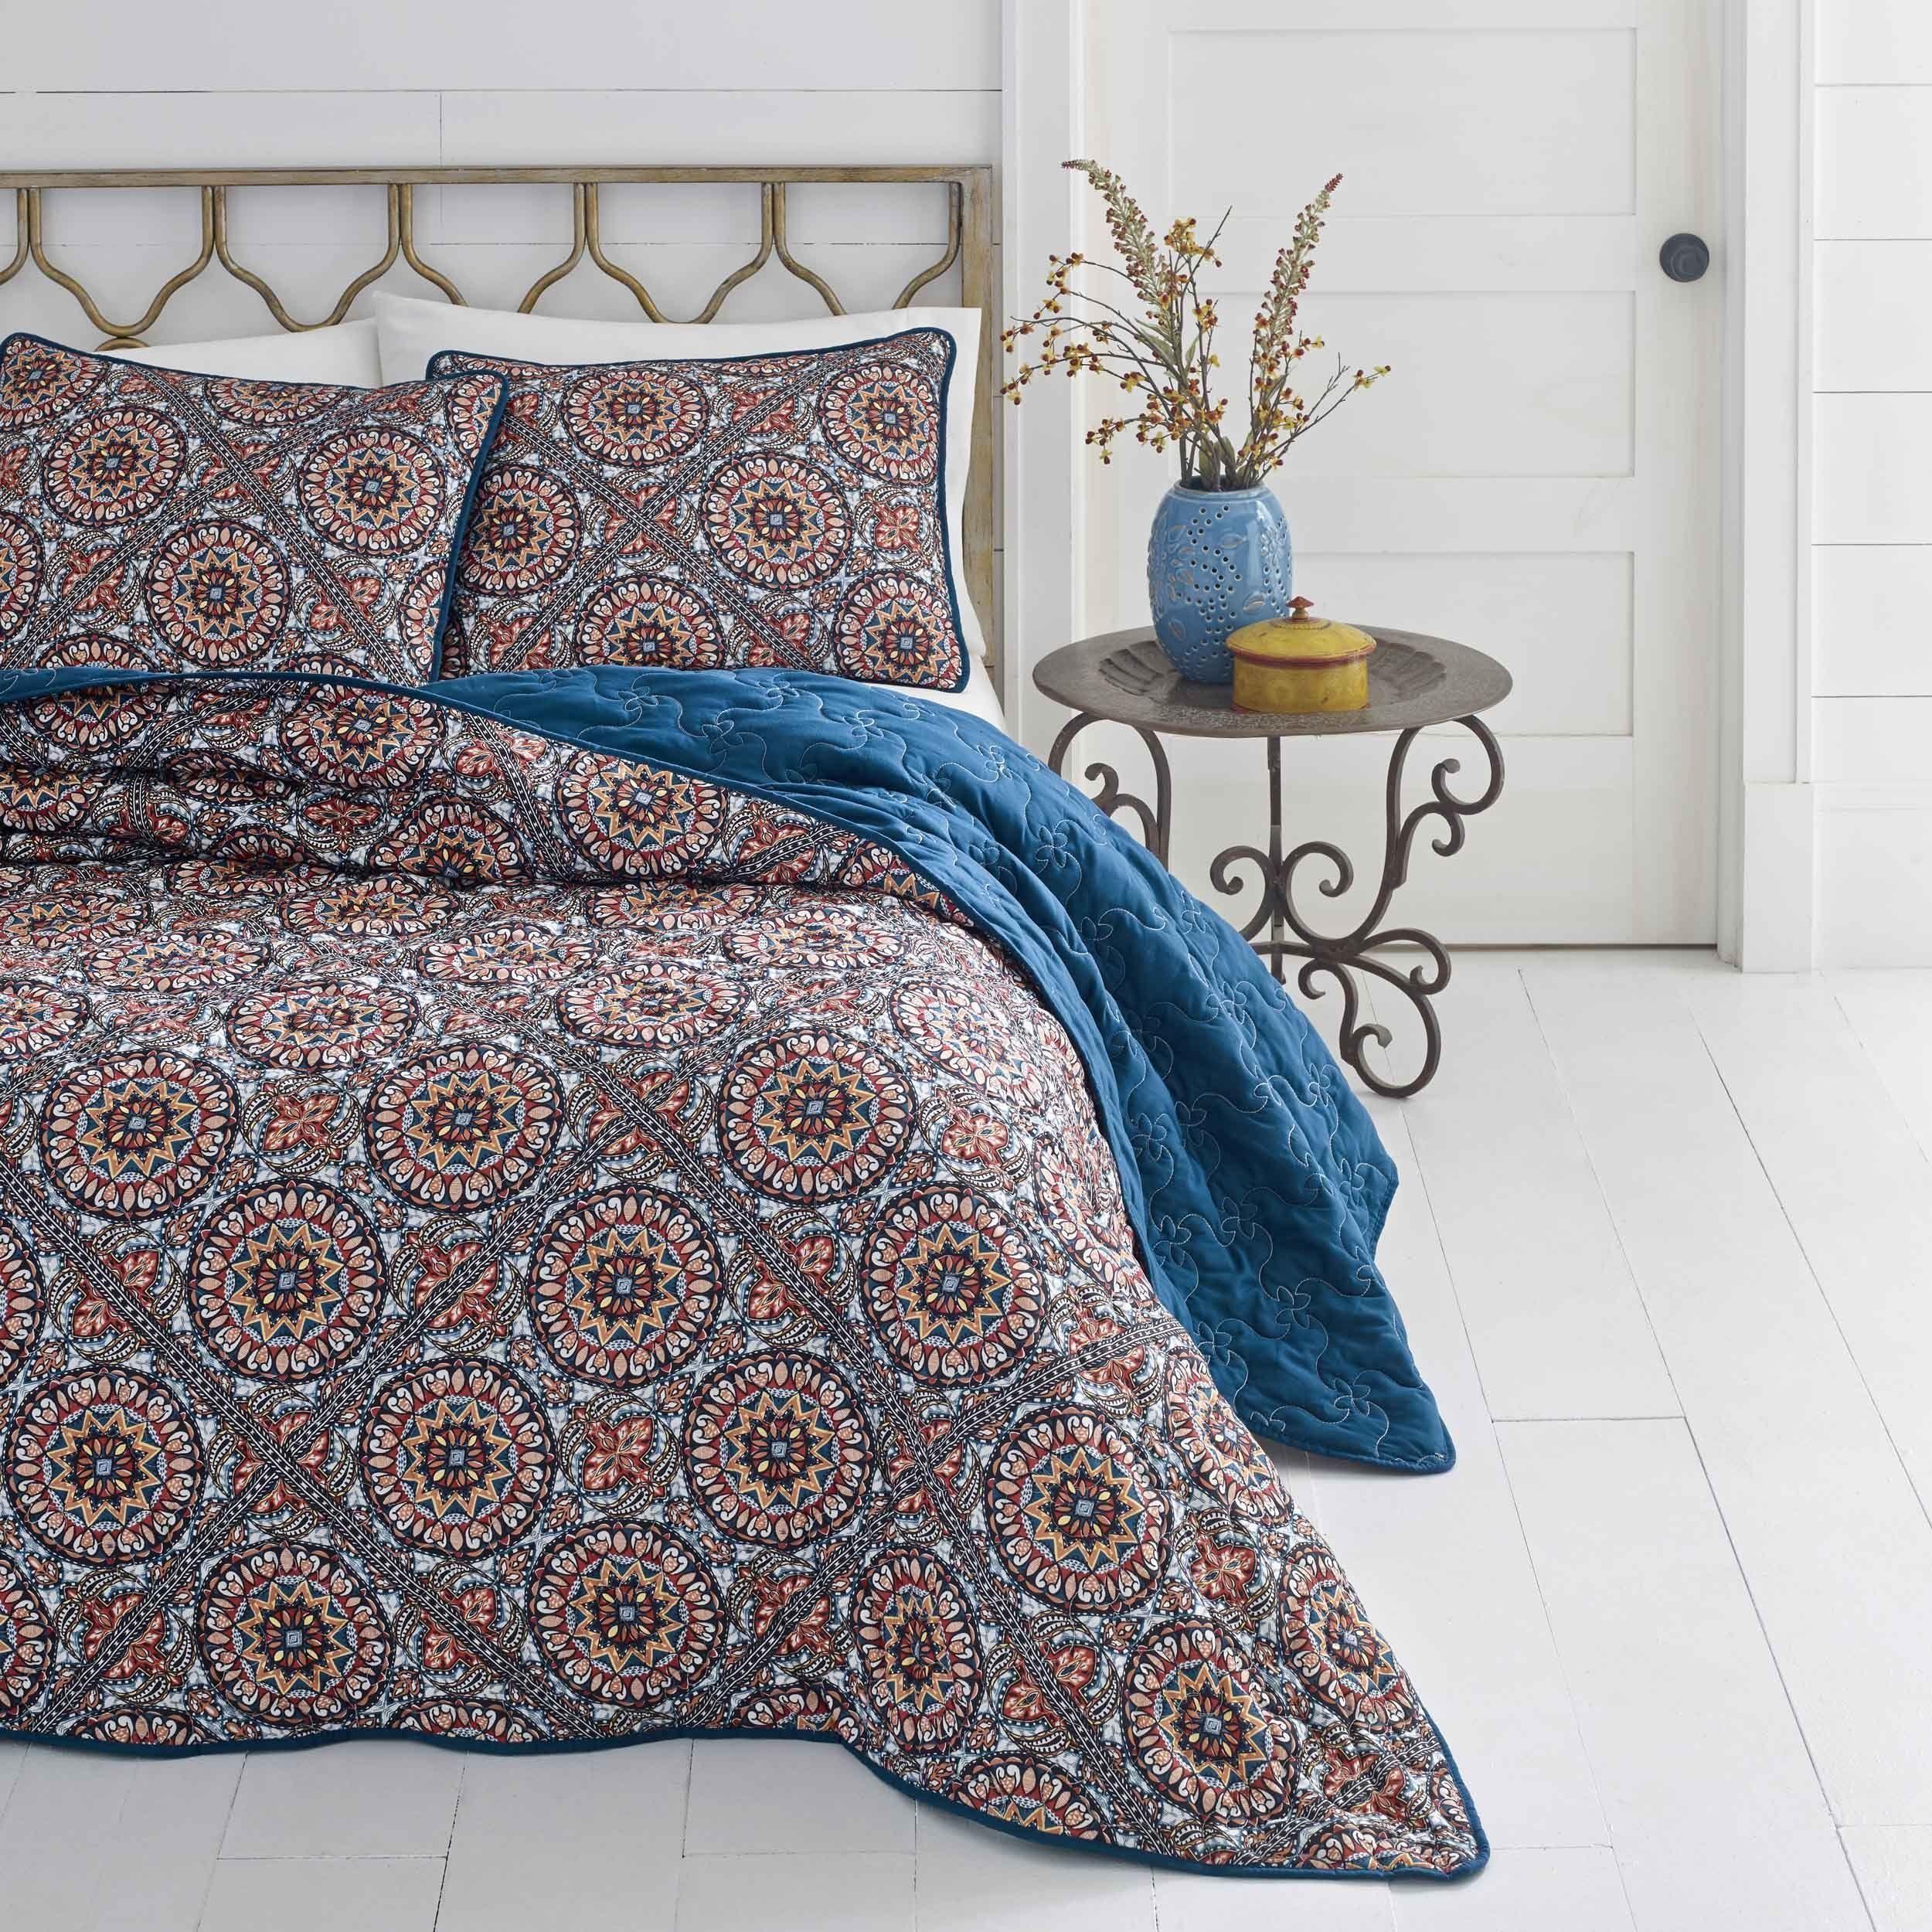 Azalea Skye Sitka Suzani Quilt Set Quilt sets, King size